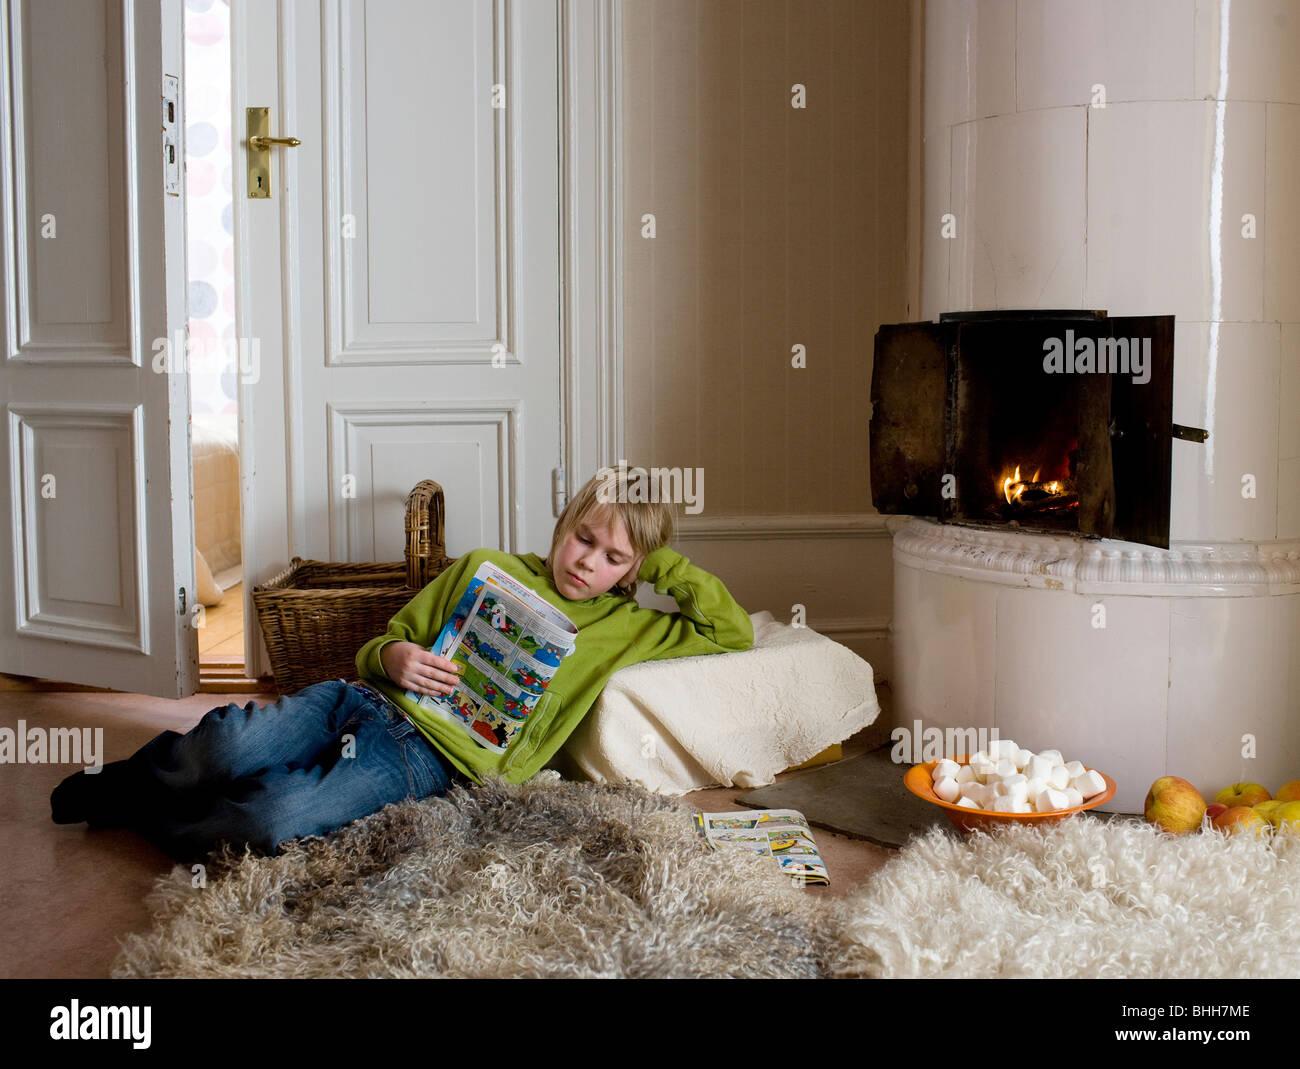 Junge liest von einem Kachelofen, Schweden. Stockbild